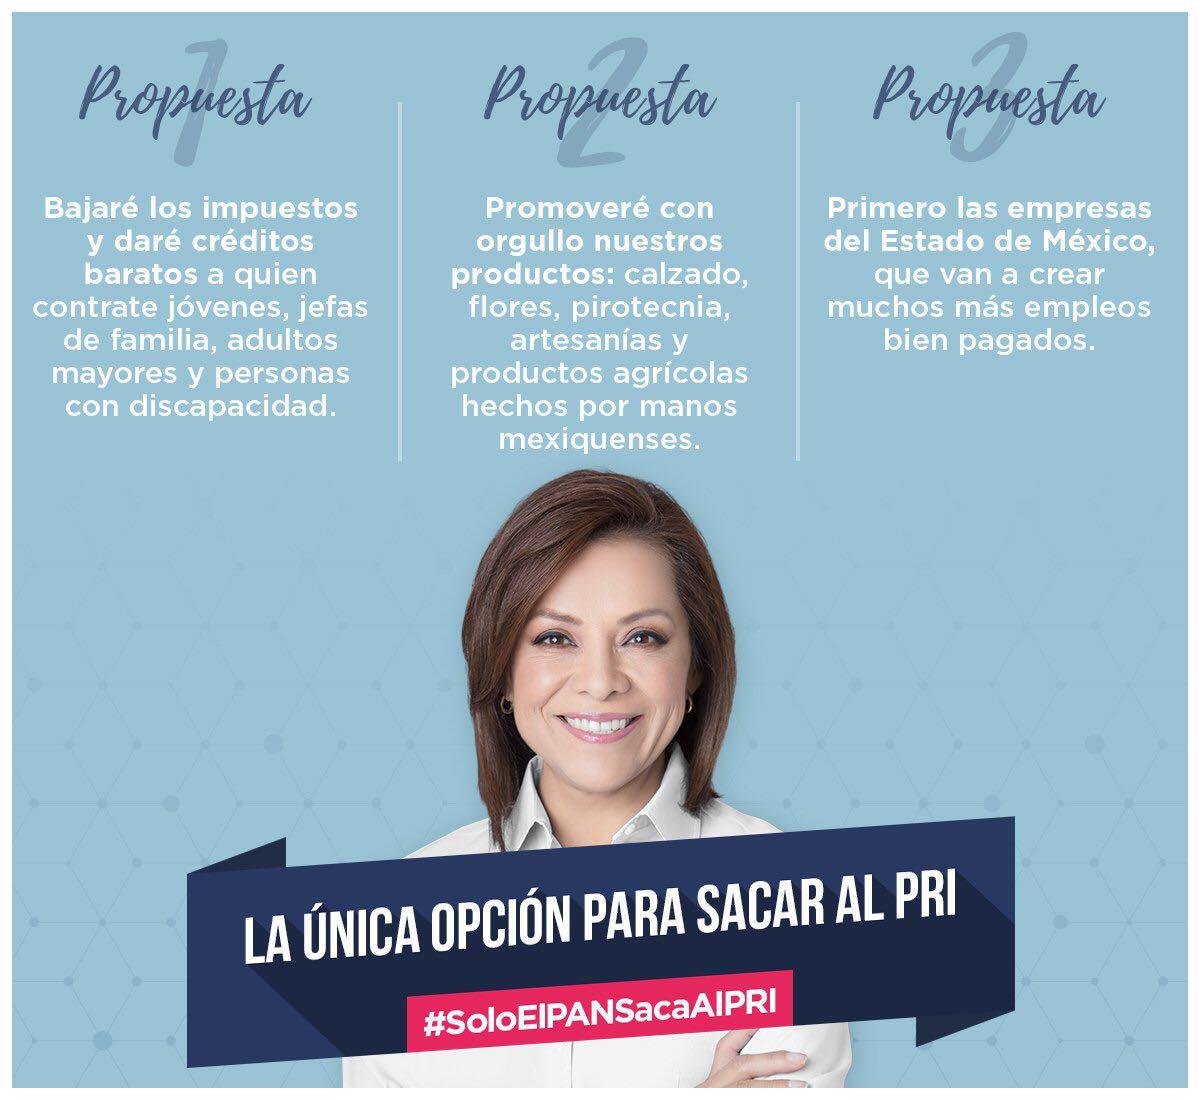 #JosefinaGobernadora #VotaPAN #4dejunio @JosefinaVM la única opción #EleccionesEdomex #debateedomex https://t.co/lfqrGLXaE7